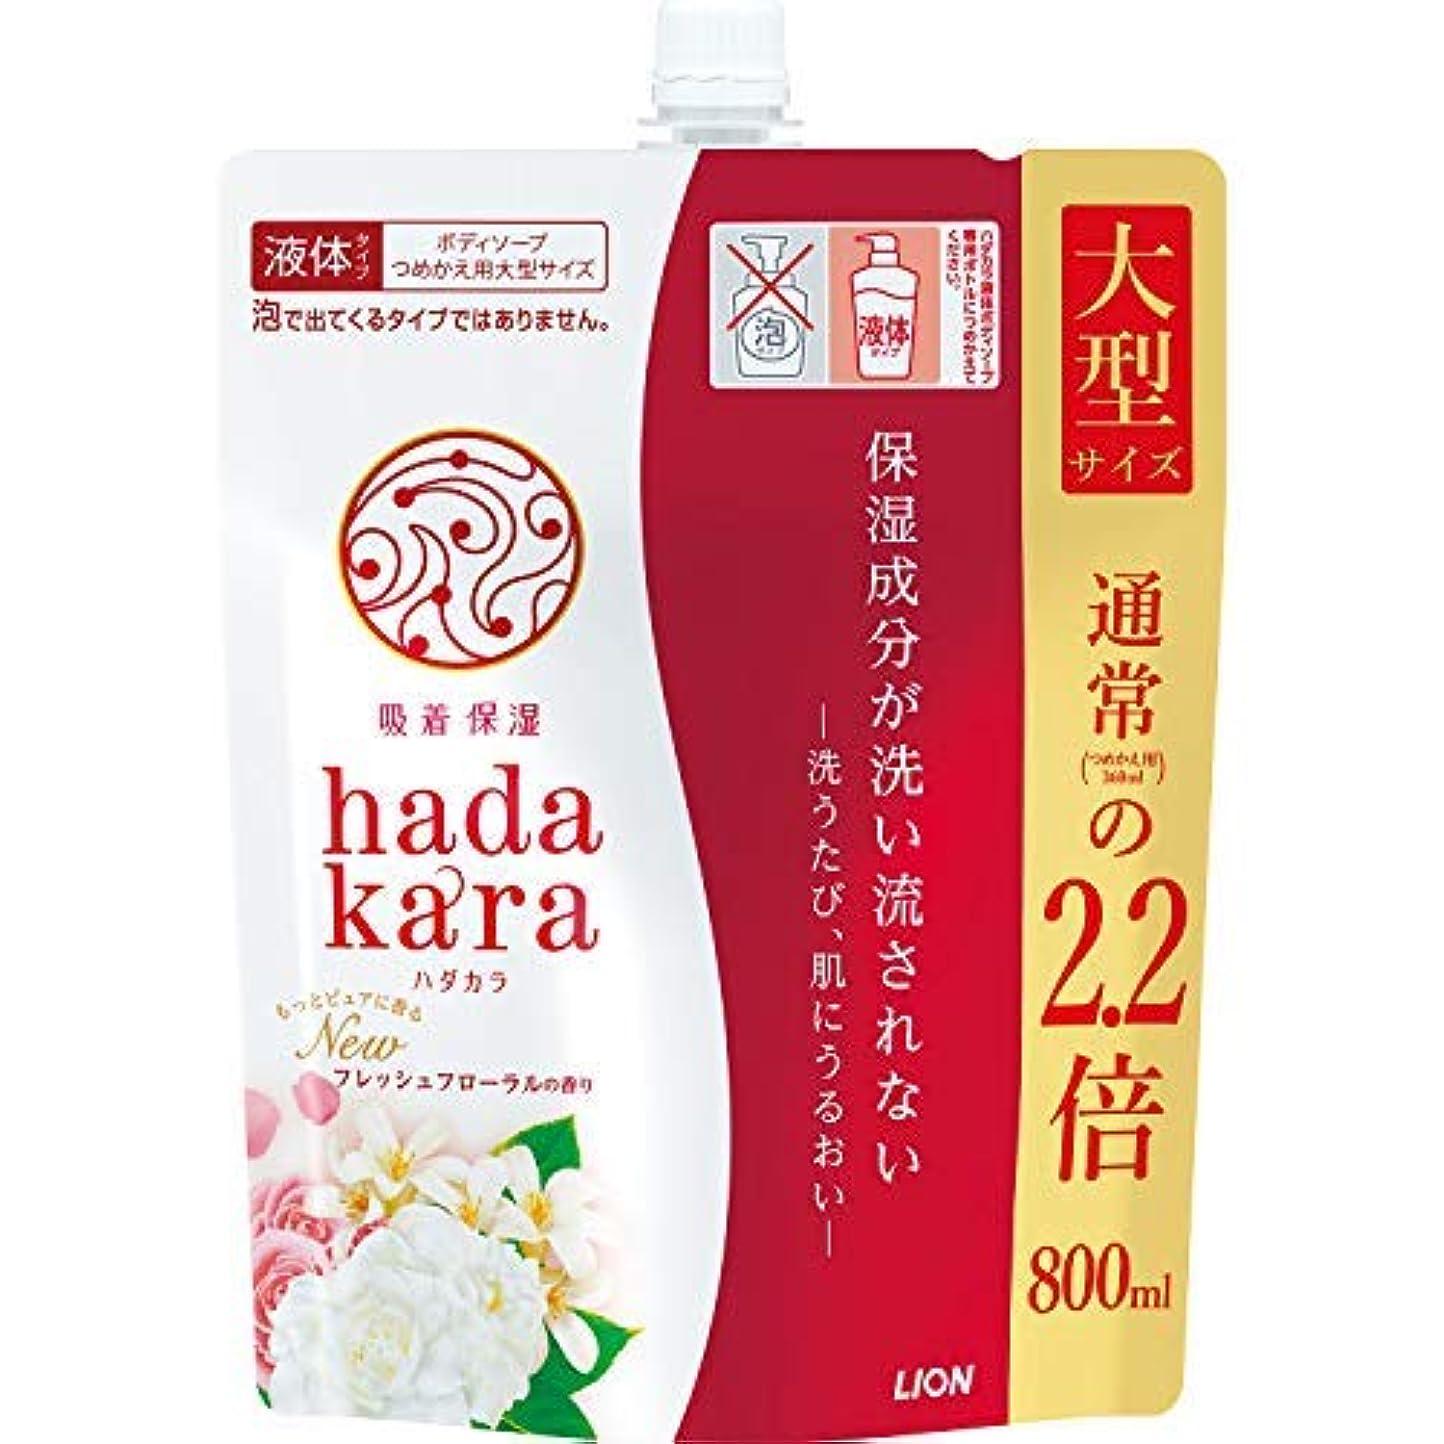 ファーム著作権魅惑的なhadakara(ハダカラ)ボディソープ フレッシュフローラルの香り 詰替え用 大型サイズ 800ml × 9個セット